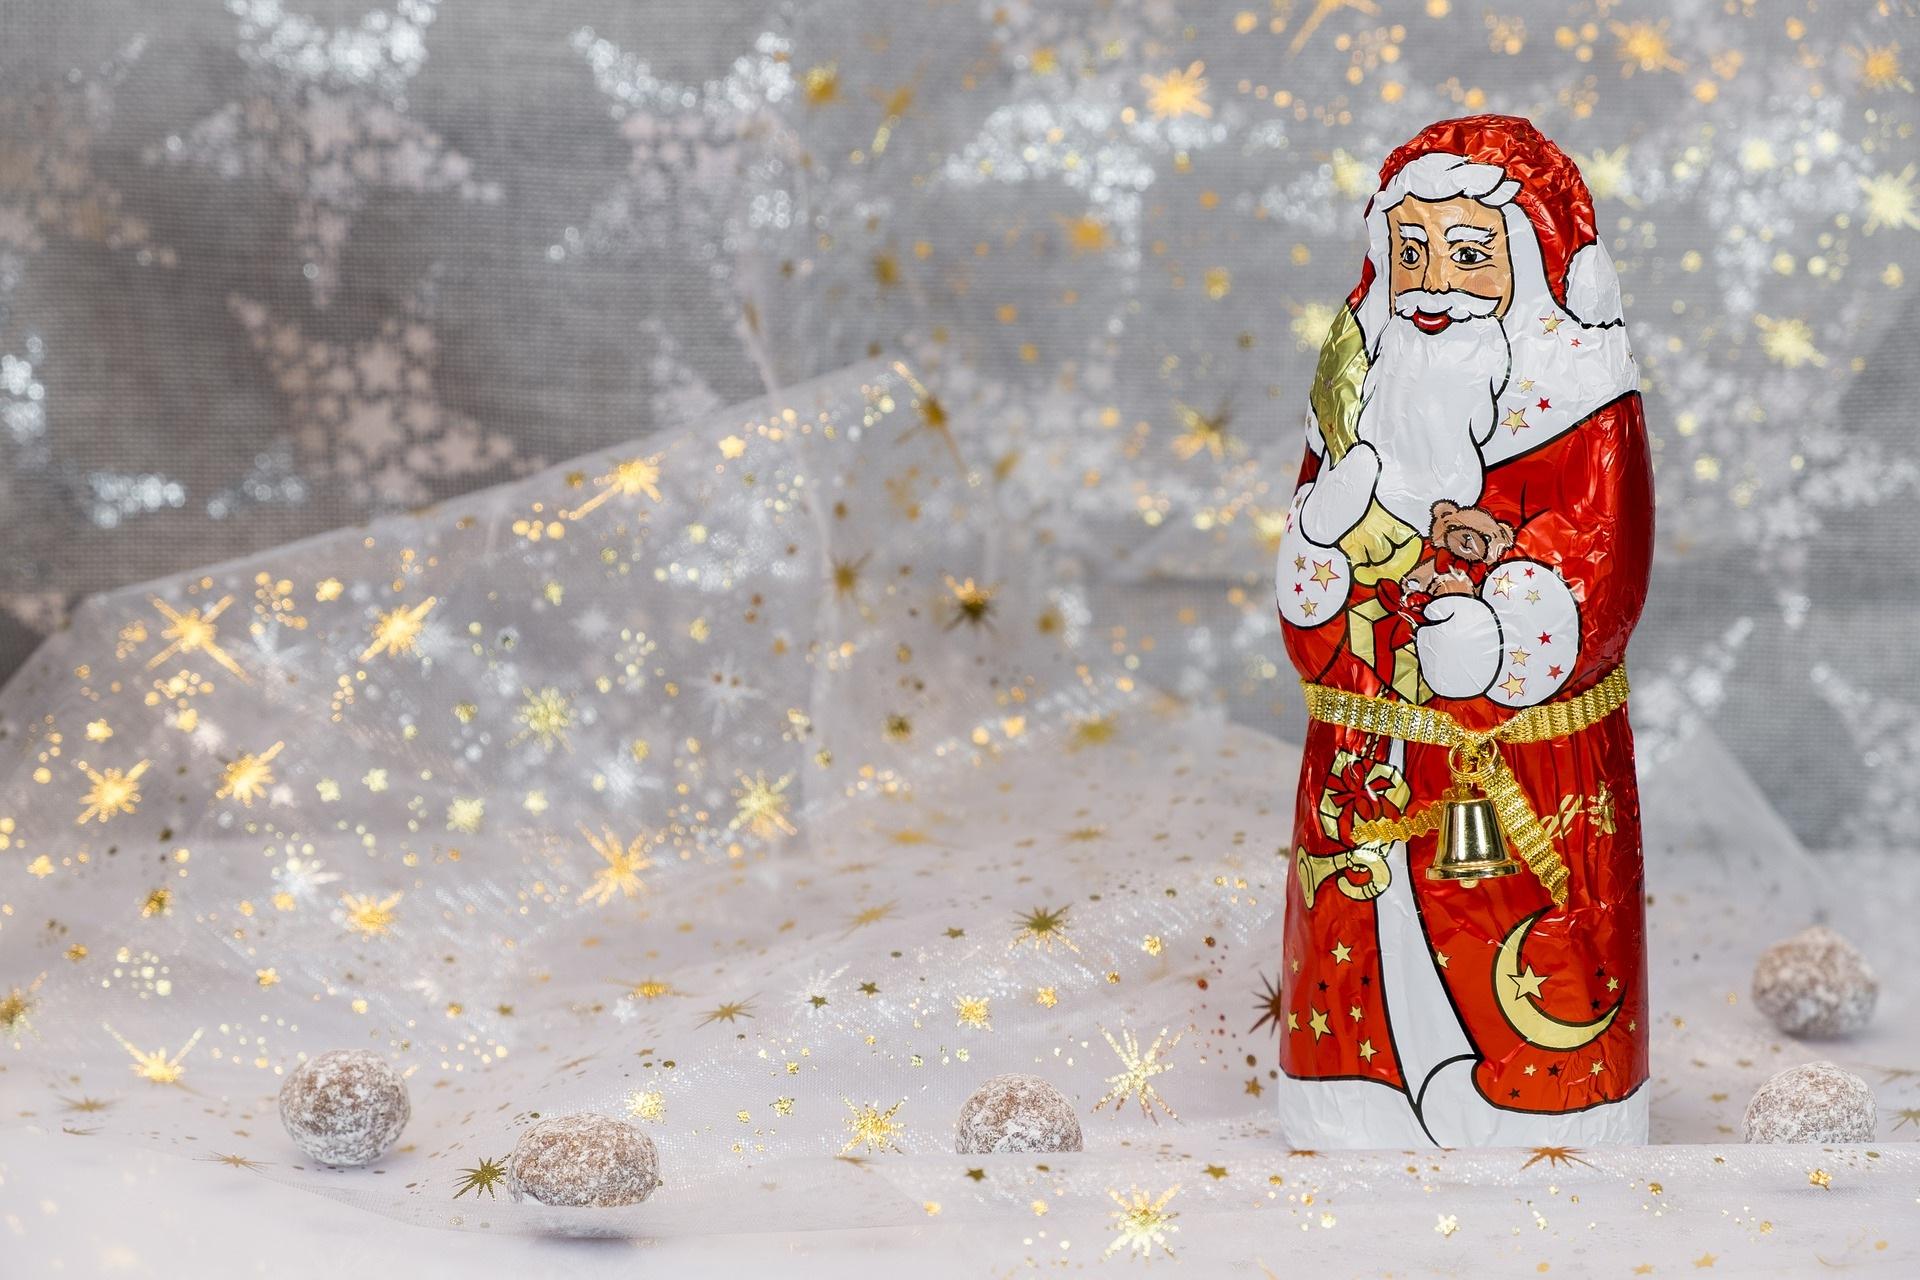 Ist der Weihnachtsmann heidnisch?